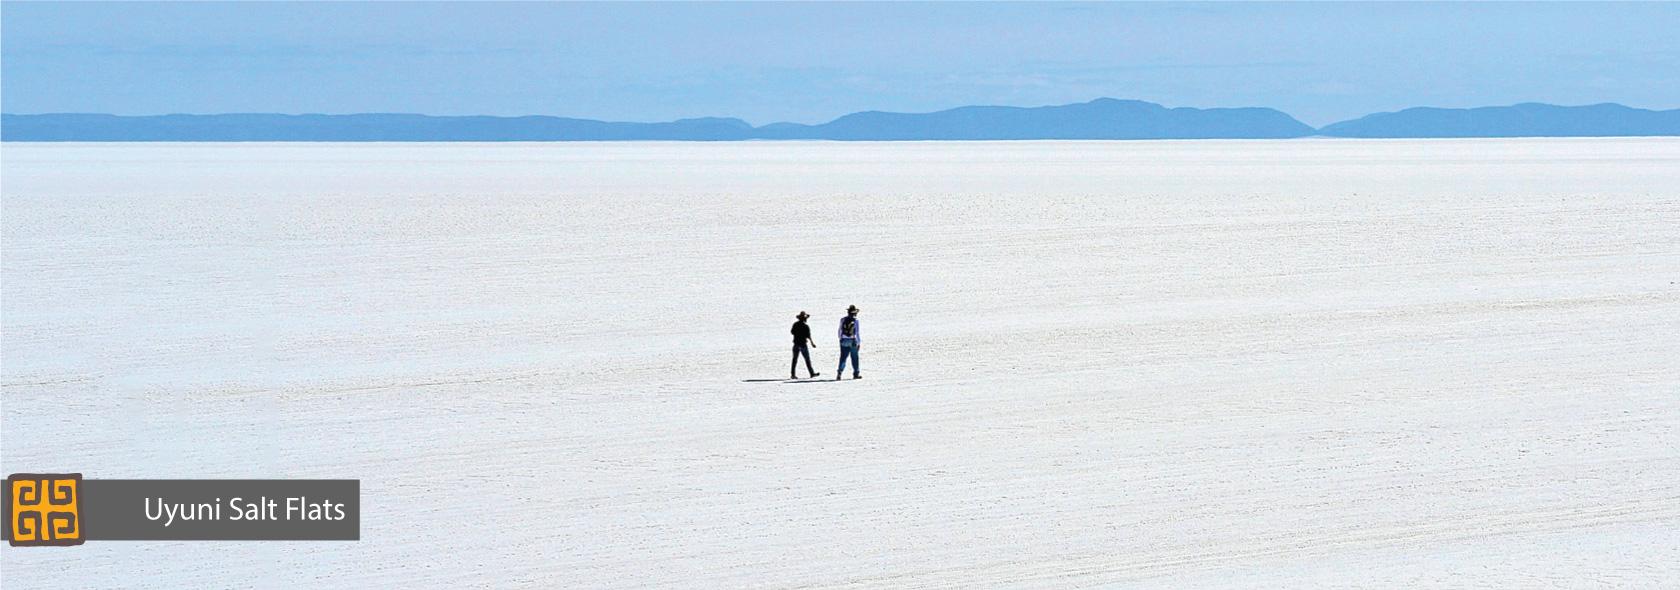 Uyuni-Salt-Flats